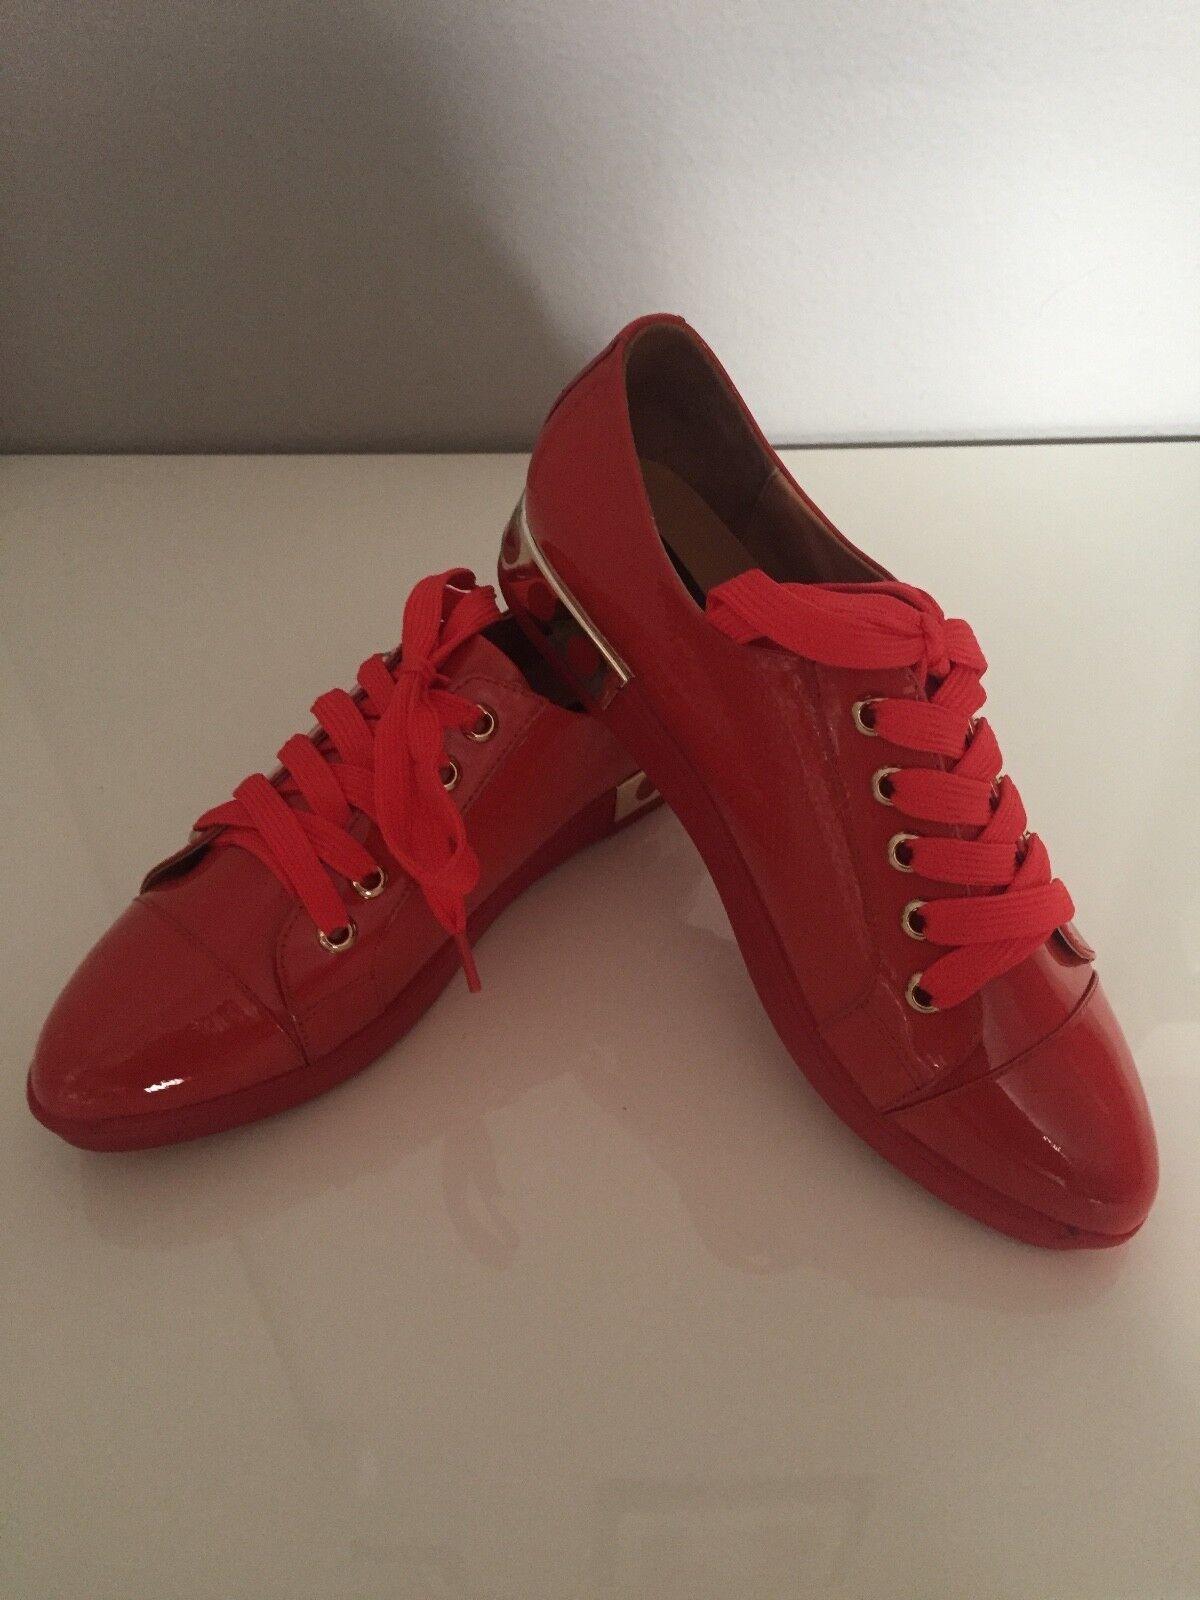 New Unique I love Fashion Scarpe da Ginnastica Rosso Size 6